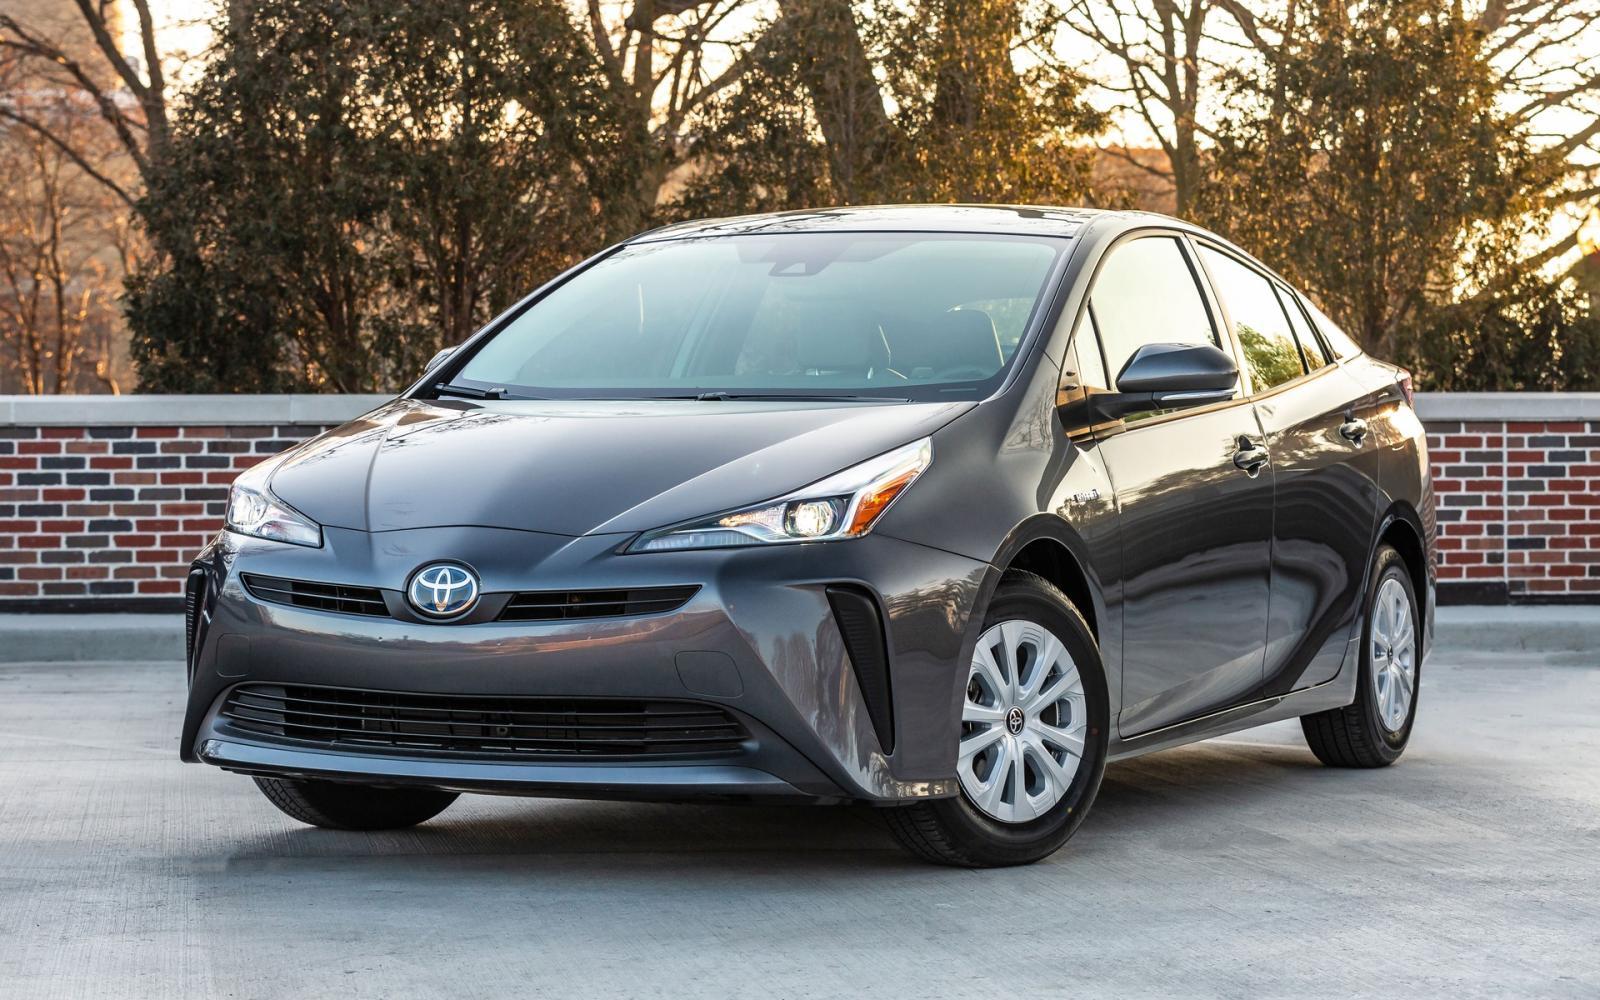 2020 Toyota Prius Pictures Pictures